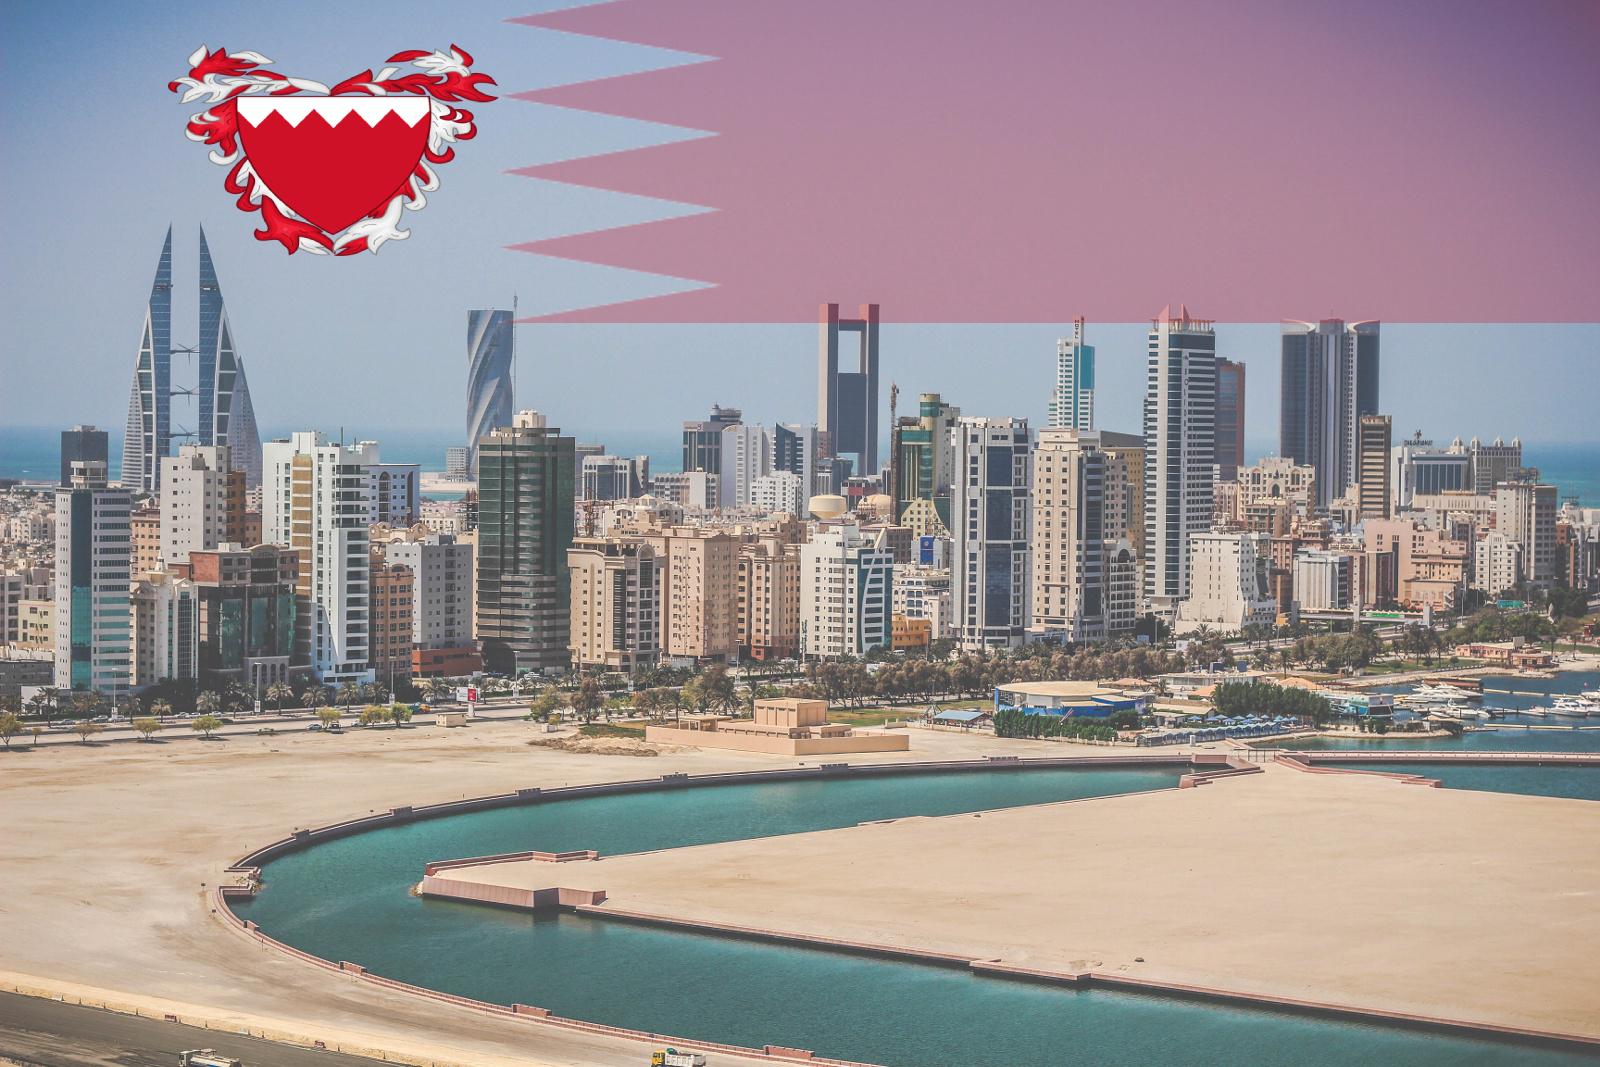 الشعر المغنى كذاكرة دونت لتاريخ استقلال البحرين